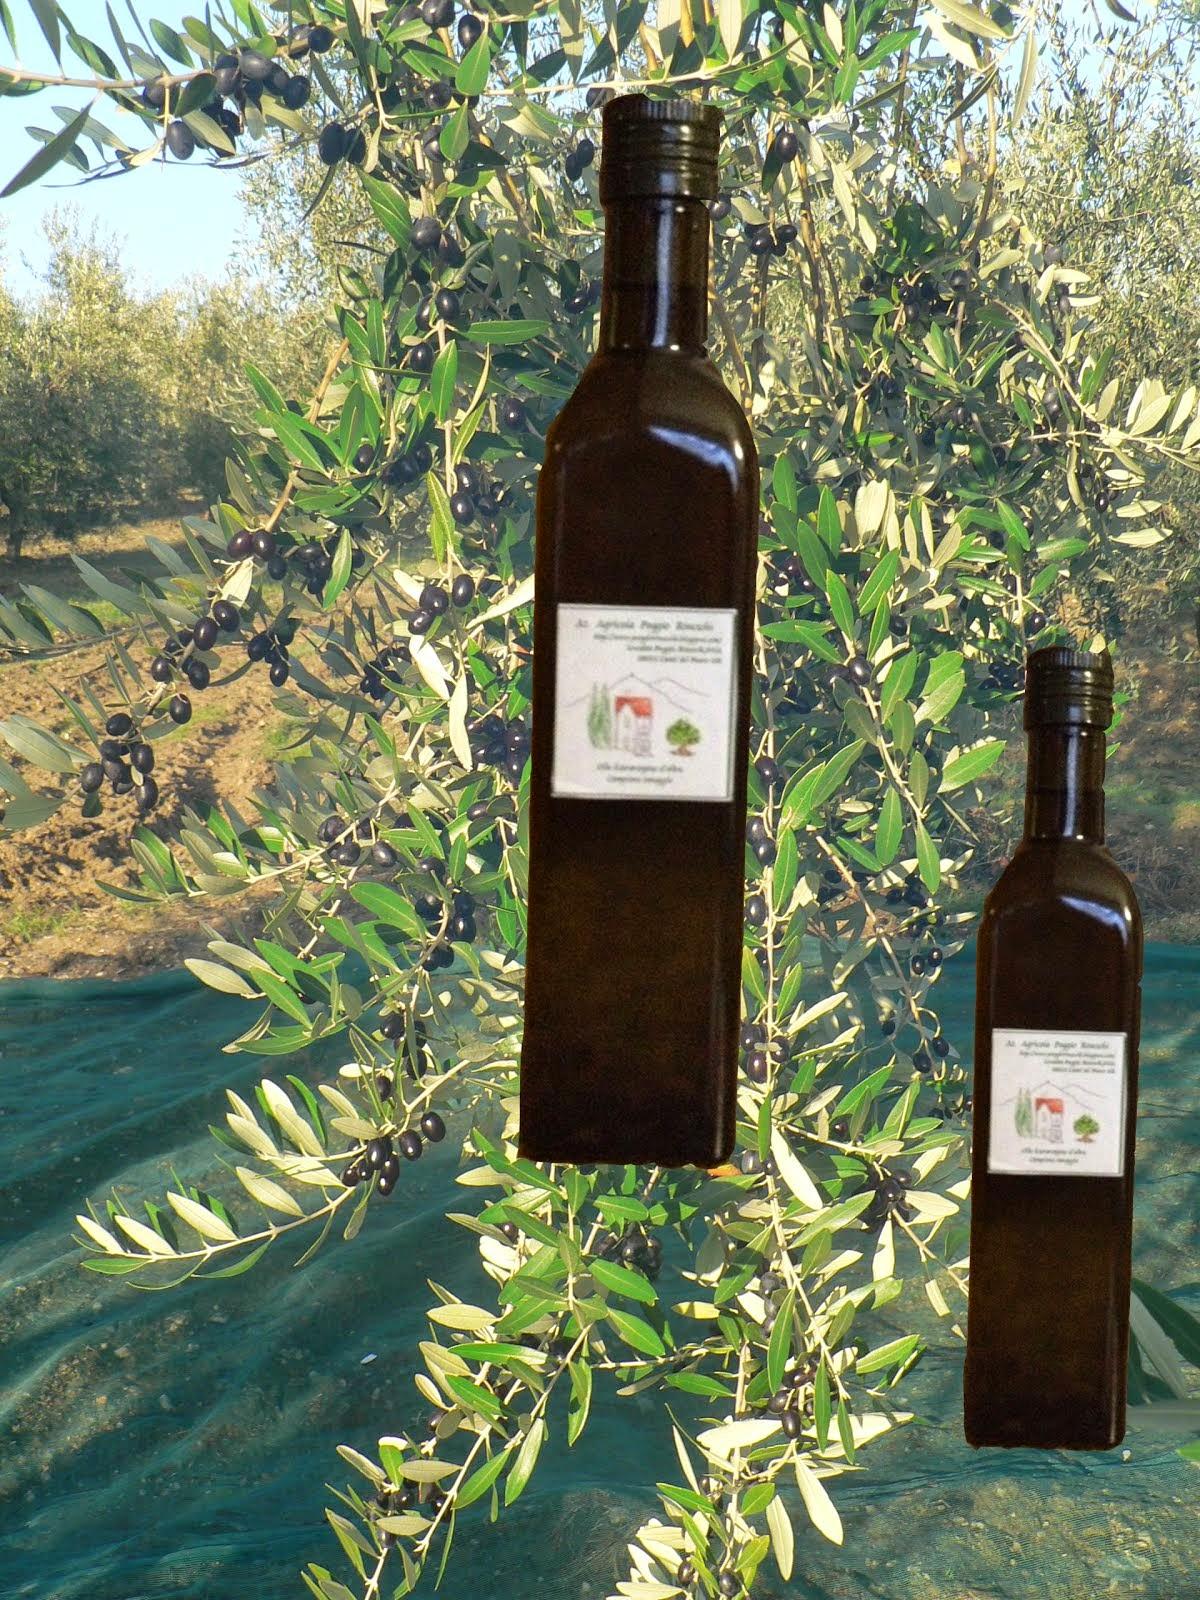 Tra poco inizia la Raccolta delle Olive, non vediamo l'ora di assaggiare il nostro nuovo olio